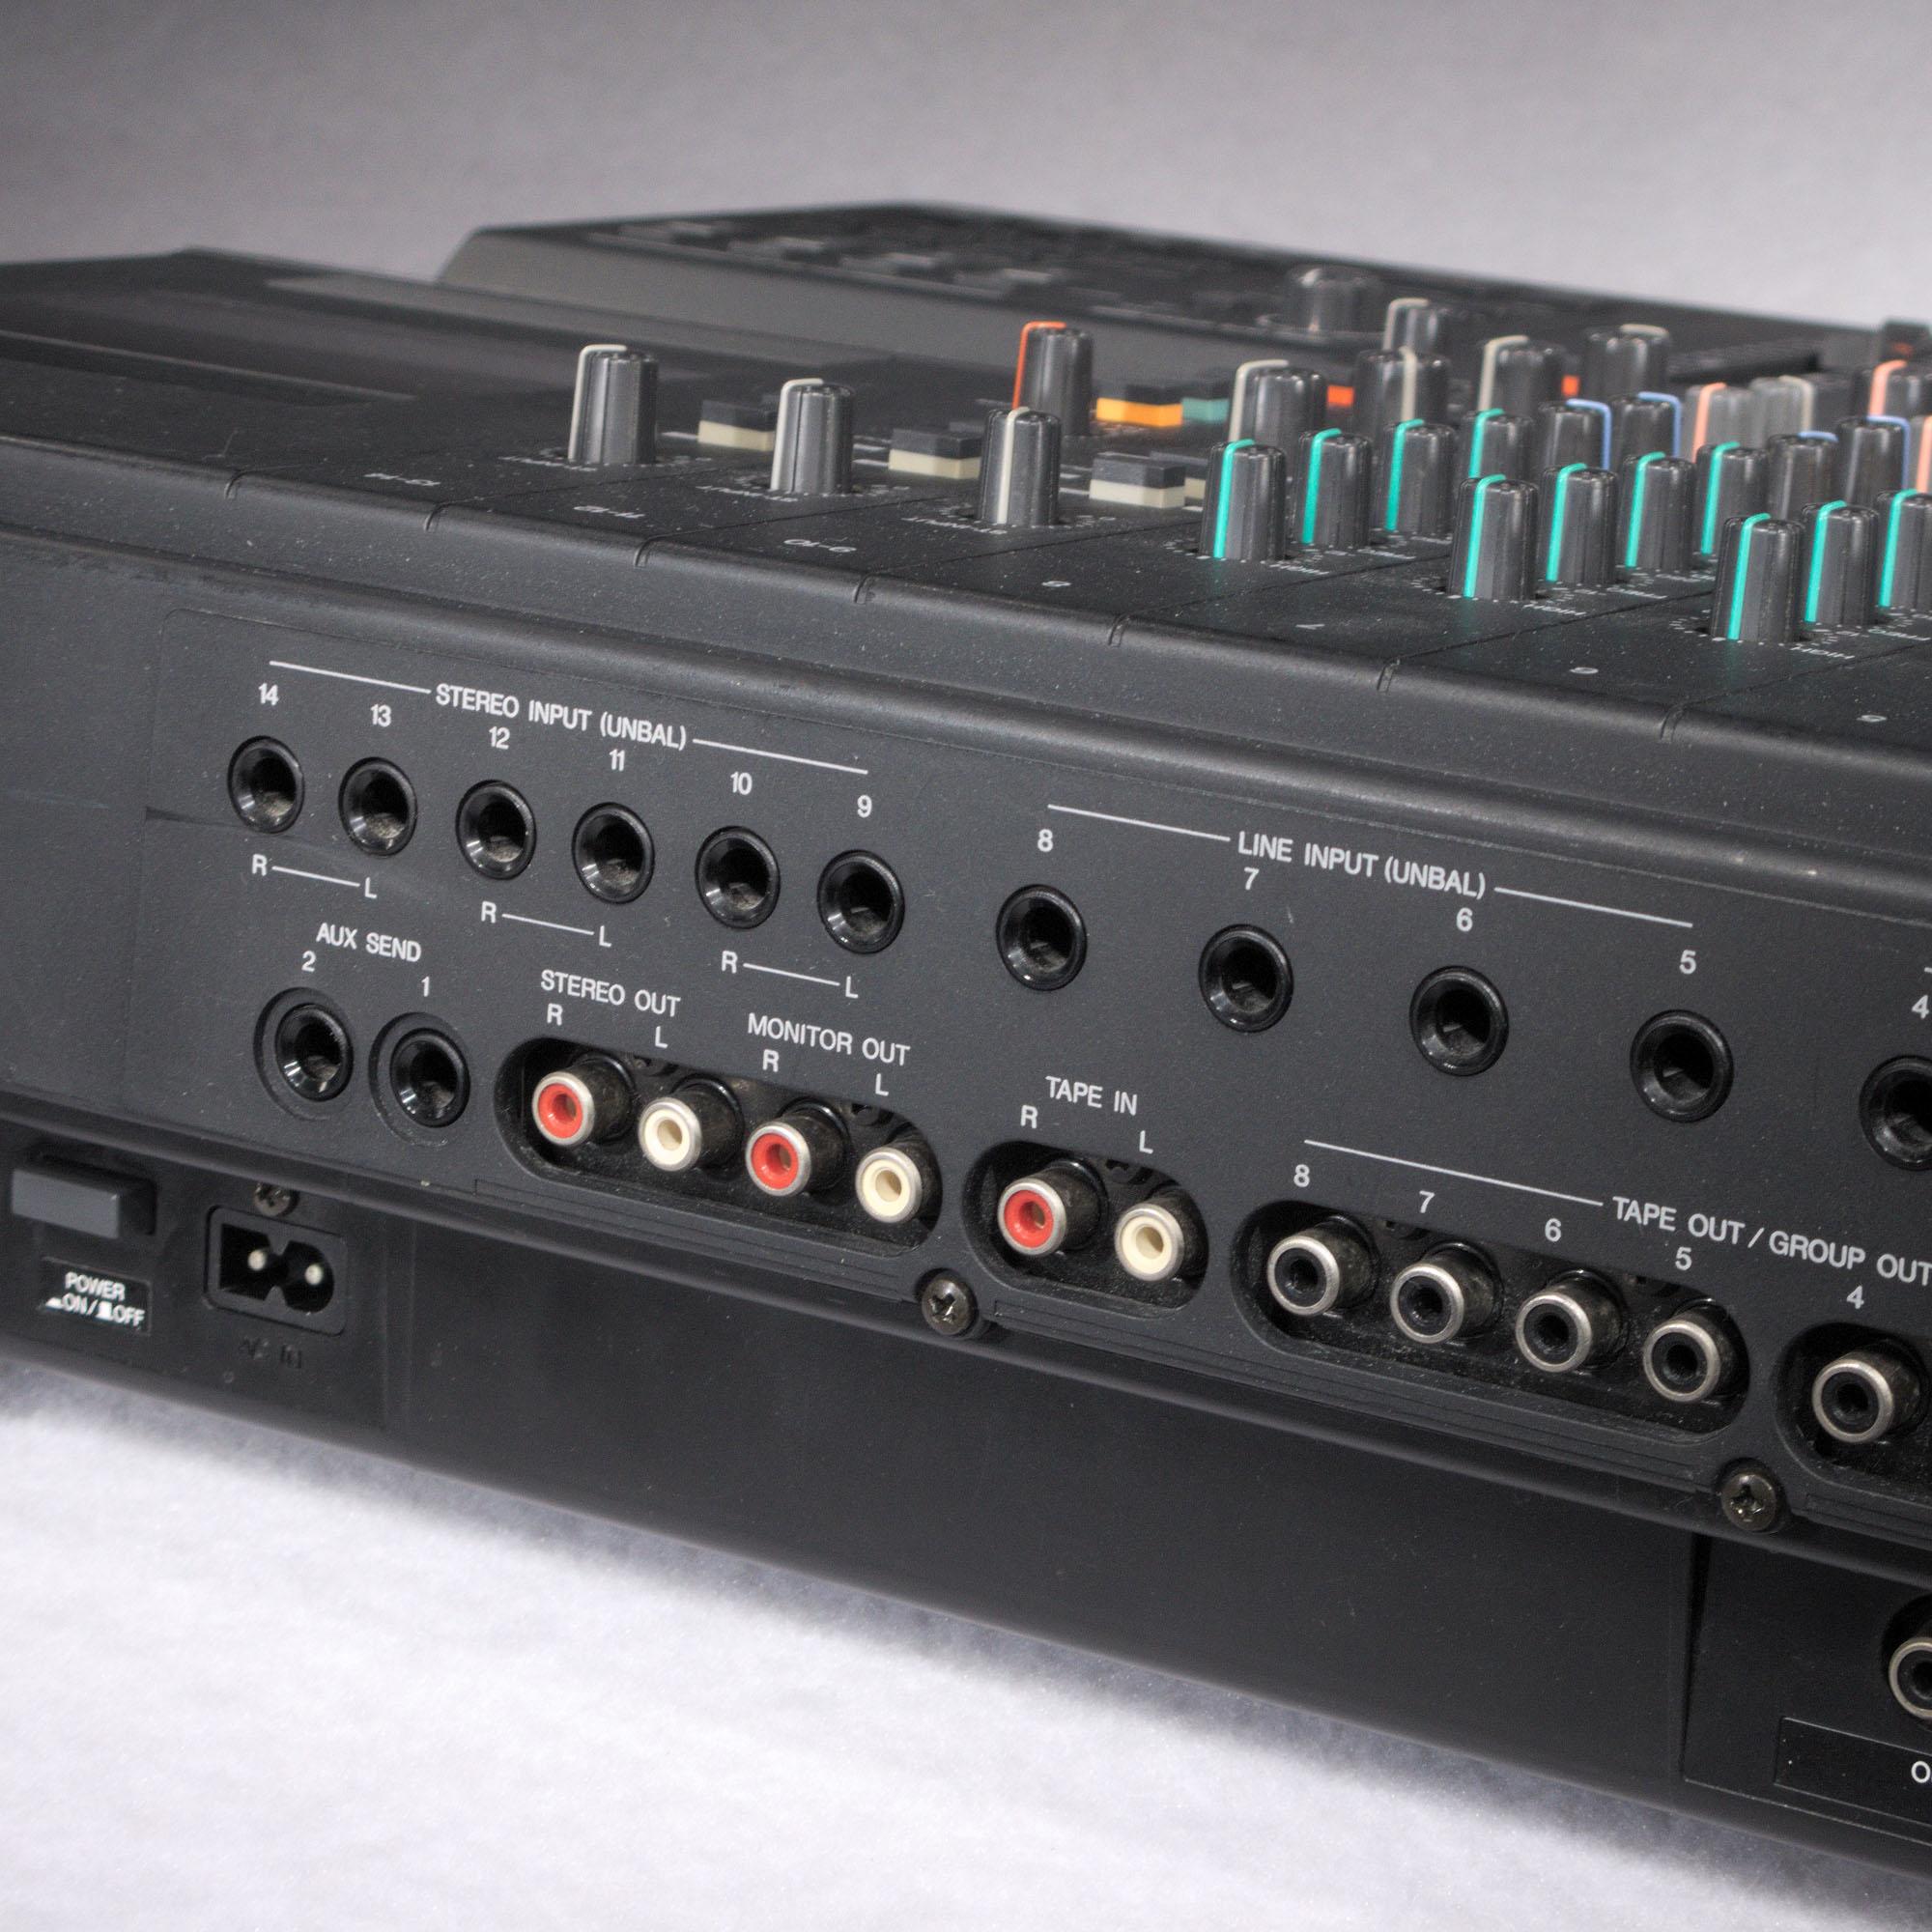 yamaha mt8x multitrack recorder 8 track cassette 06 electric denim studios. Black Bedroom Furniture Sets. Home Design Ideas